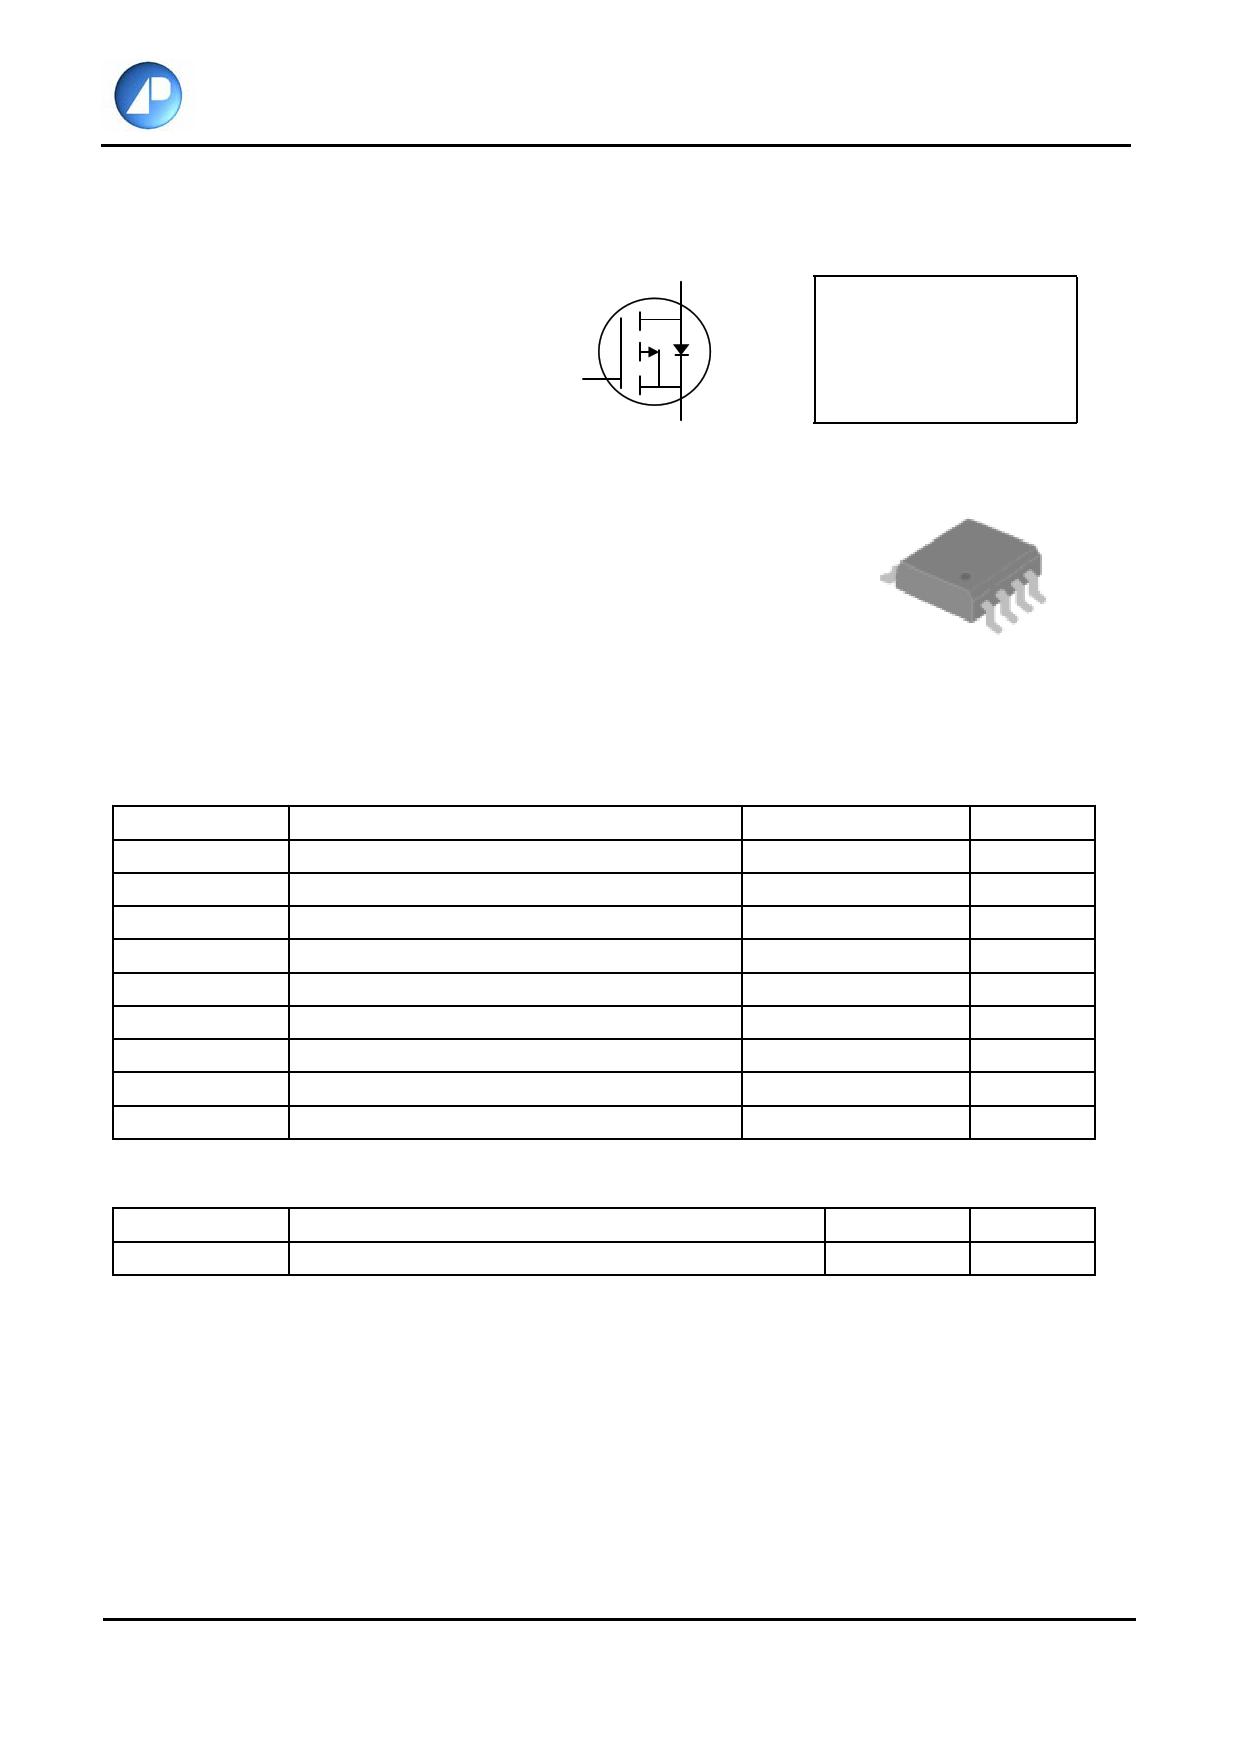 AP4435GM-HF-3 datasheet, circuit